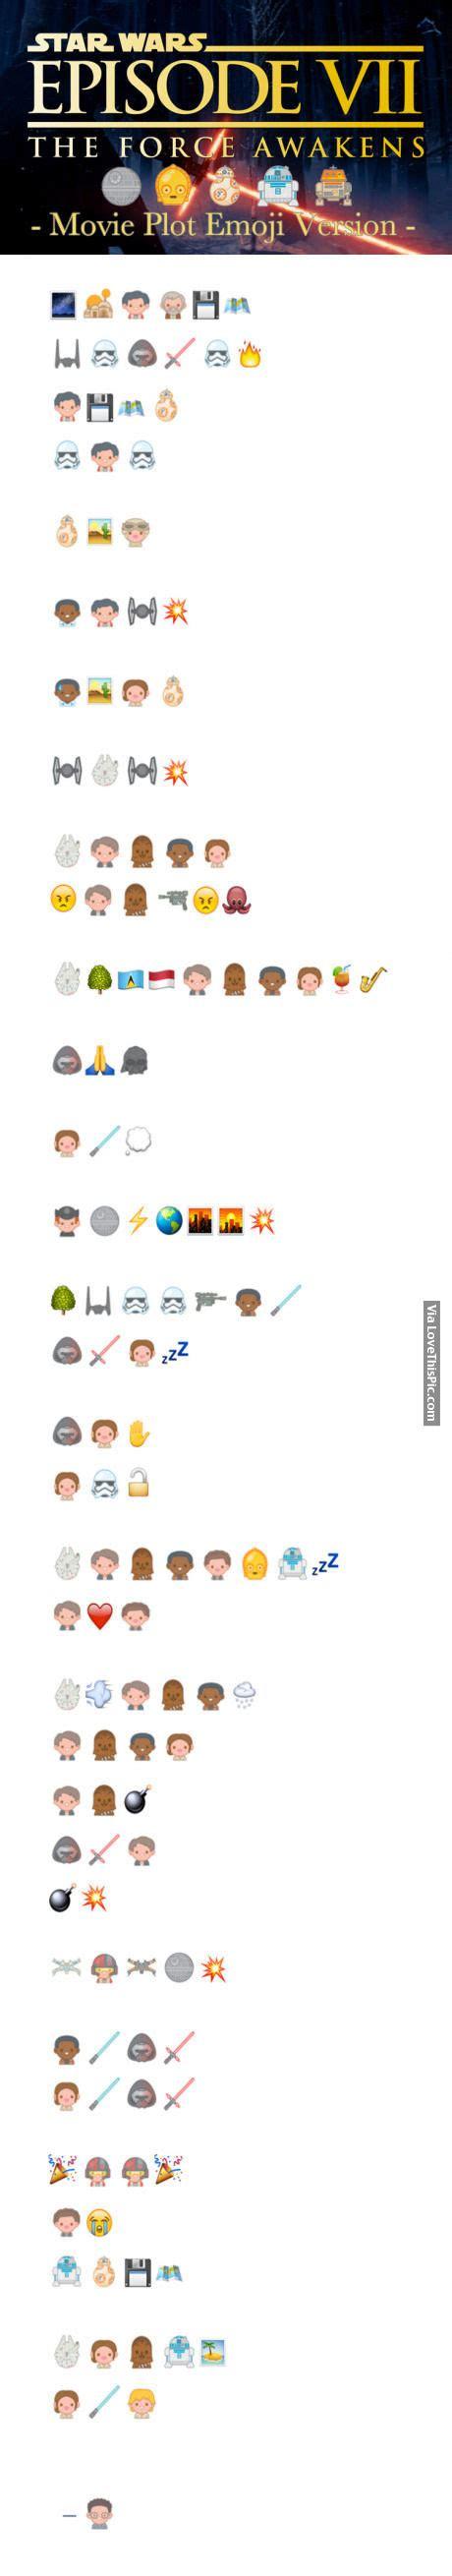 emoji film plots star wars episode vii movie plot emoji version pictures